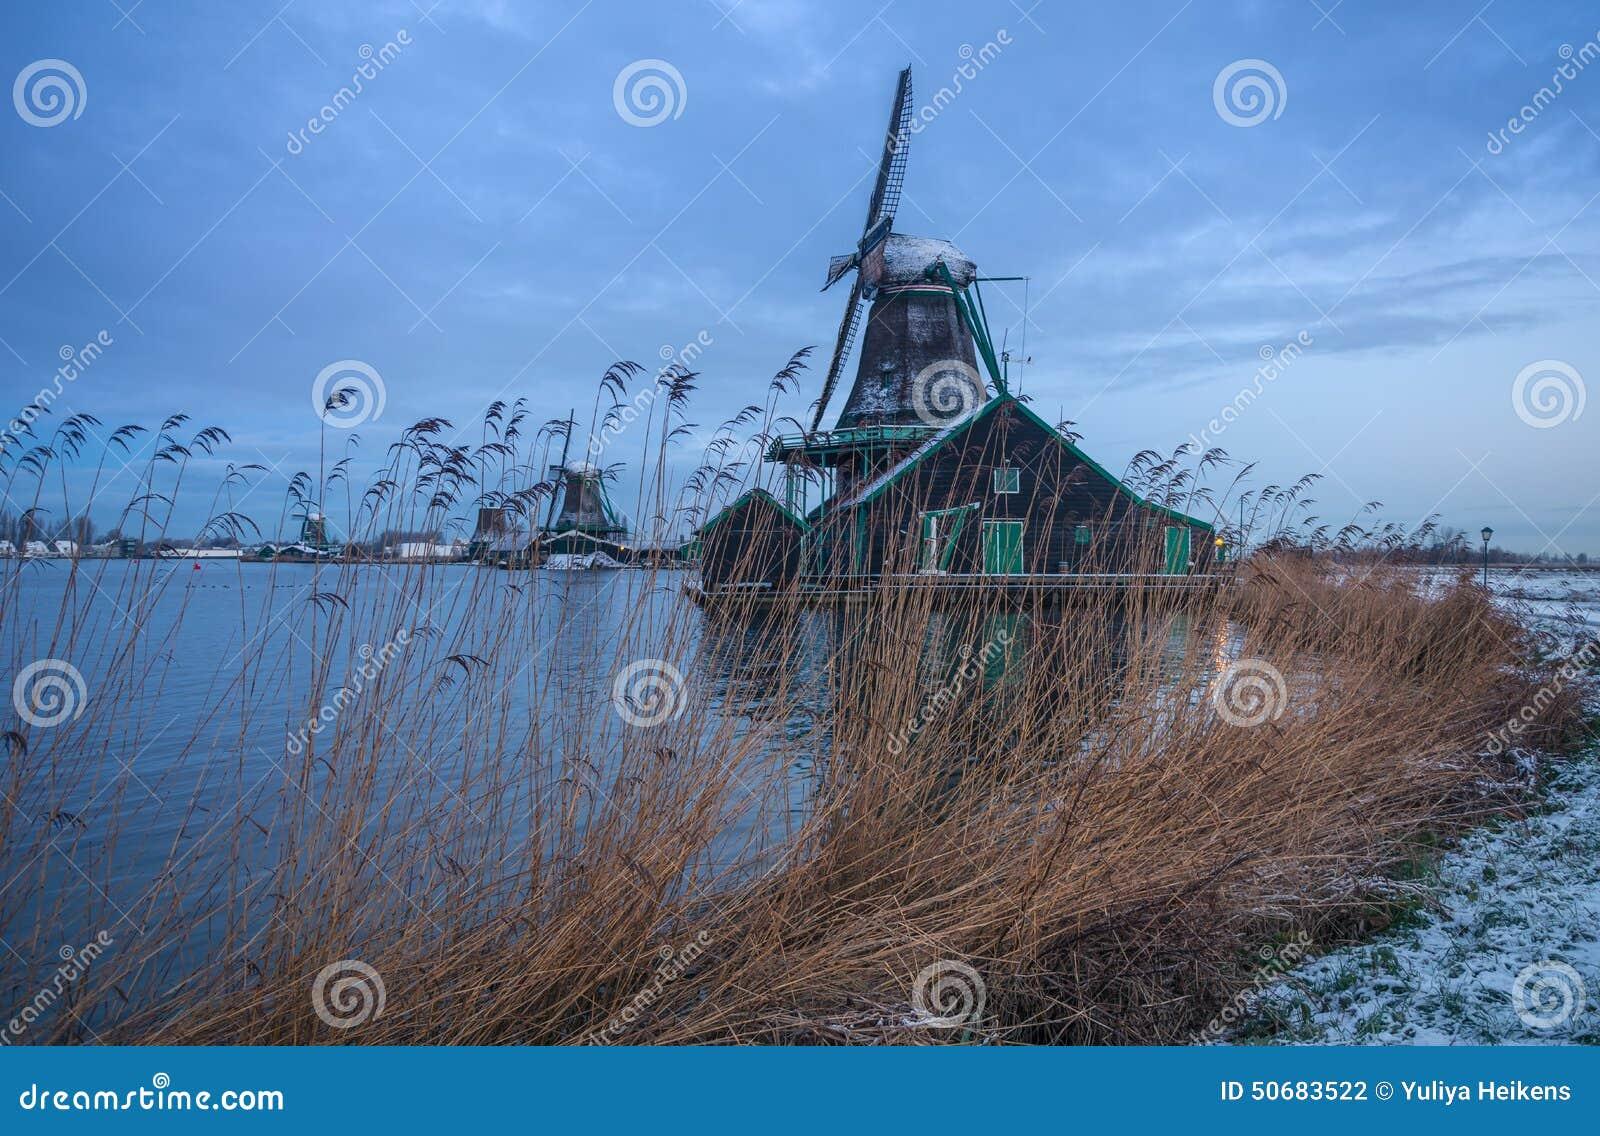 Download 荷兰语农村风景 库存照片. 图片 包括有 天空, 安排, 纪念碑, 场面, 航空, 传统, 著名, 横向 - 50683522